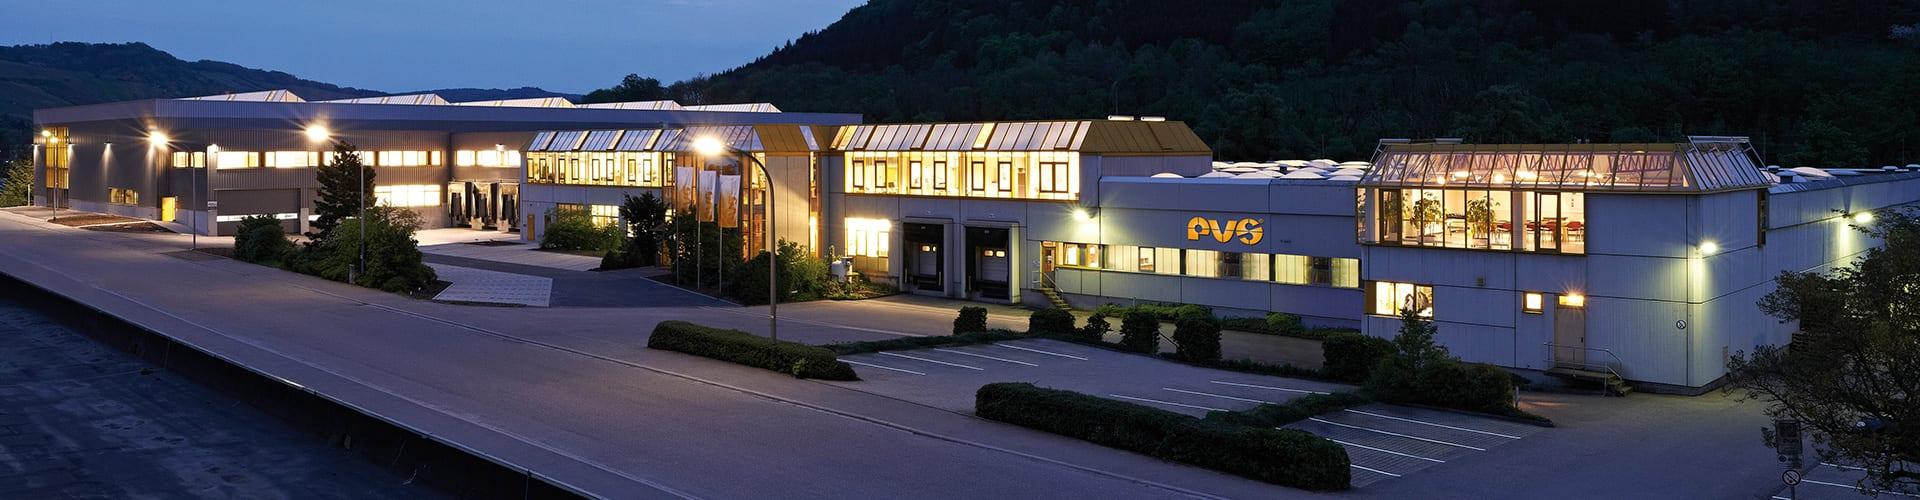 Werbeagentur Heilbronn, Webagentur Heilbronn, Internetagentur Heilbronn, Film Heilbronn, Website Heilbronn, Filmproduktion Heilbronn, beste Werbeagentur Heilbronn, Heilbronn Werbeagentur